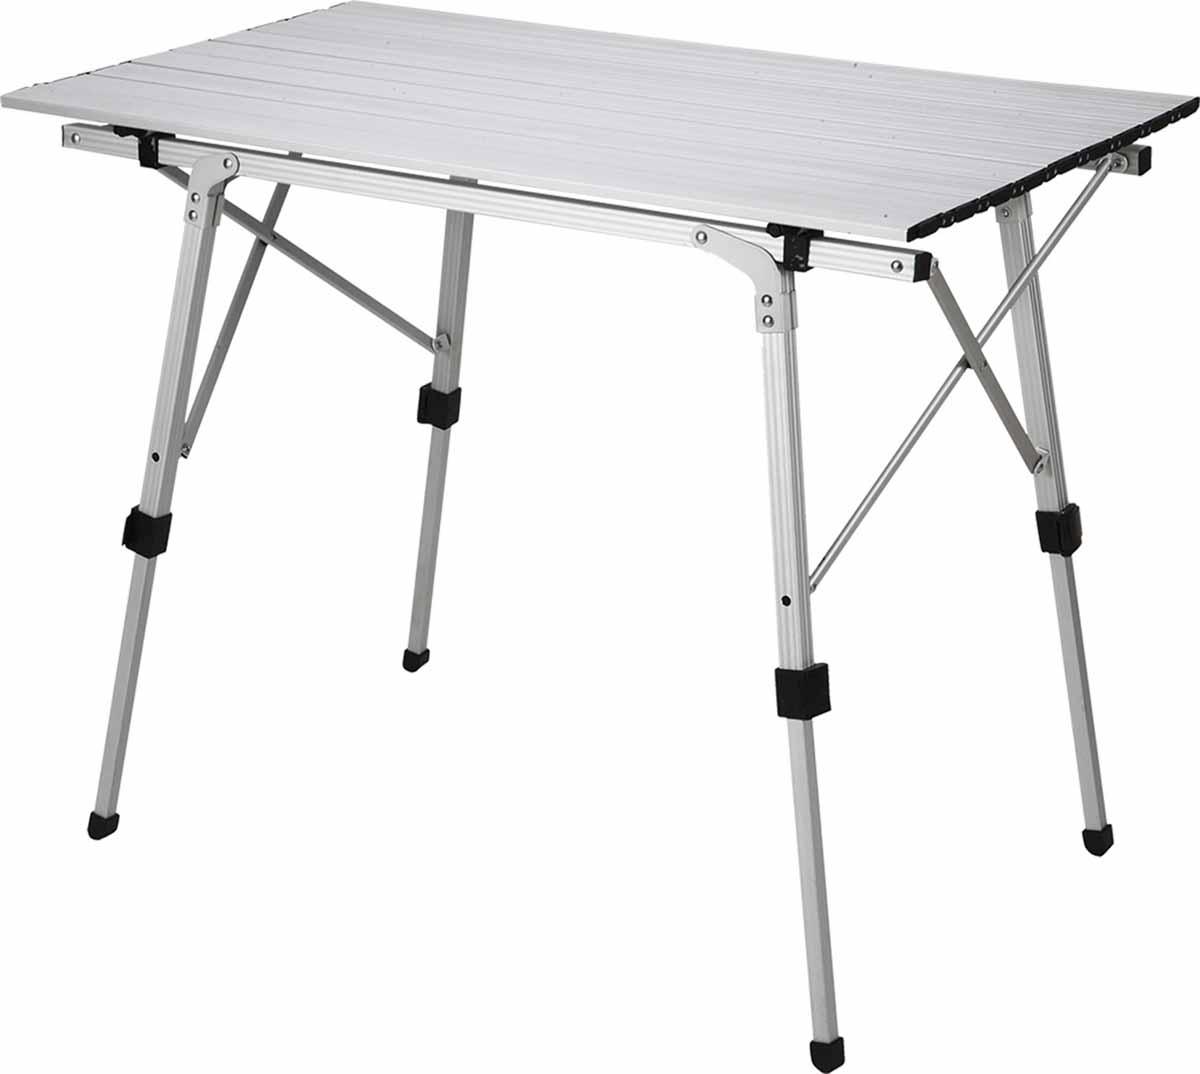 Стол кемпинговый складной Сплав ТС-9039699Легкий и компактный стол для отдыха на природе Ножки регулируются по высоте. Можно компенсировать неровность поверхности, а можно опустить стол на высоту до 45 см Каркас и столешница выполнены из алюминиевого сплава Столешница скручивается в рулон Несмотря на то, что в самой идее кемпинговой мебели заложены сочетание легкости, компактности и прочности, долгое время кемпинговые столы были привилегией автотуристов, дачников и любителей пикников под окнами собственных квартир. А теперь, знакомьтесь! Стол кемпинговый складной TC-90! Тубус, в который убирается стол для транспортировки, занимая совсем не много места (12?17?90 см), весит 4 кг. Его можно взять с собой в небольшое путешествие пешком, на велосипедах и совсем уж без напряжения разместить на палубе катамарана или багажнике квадроцикла. Благодаря тому, что стол целиком выполнен из алюминиевого сплава, он устойчив к погодным катаклизмам и перевозке. Отдельного внимания заслуживают ножки стола, которые регулируются по высоте. Это существенно снижает требование к поверхности, на которую стол будет устанавливаться. Кроме того, стол можно опустить на высоту до 45 см, что может быть удобно под тентом или при отсутствии стульев. Но главное, что теперь уже никто не сможет наступить в темноте в вашу миску. Размер столешницы: 52?90 см Высота: 45-70 см Размеры в сложенном виде: 12?17?90 см Вес: 4,1 кг Максимальная распределенная нагрузка на столешницу 30 кг